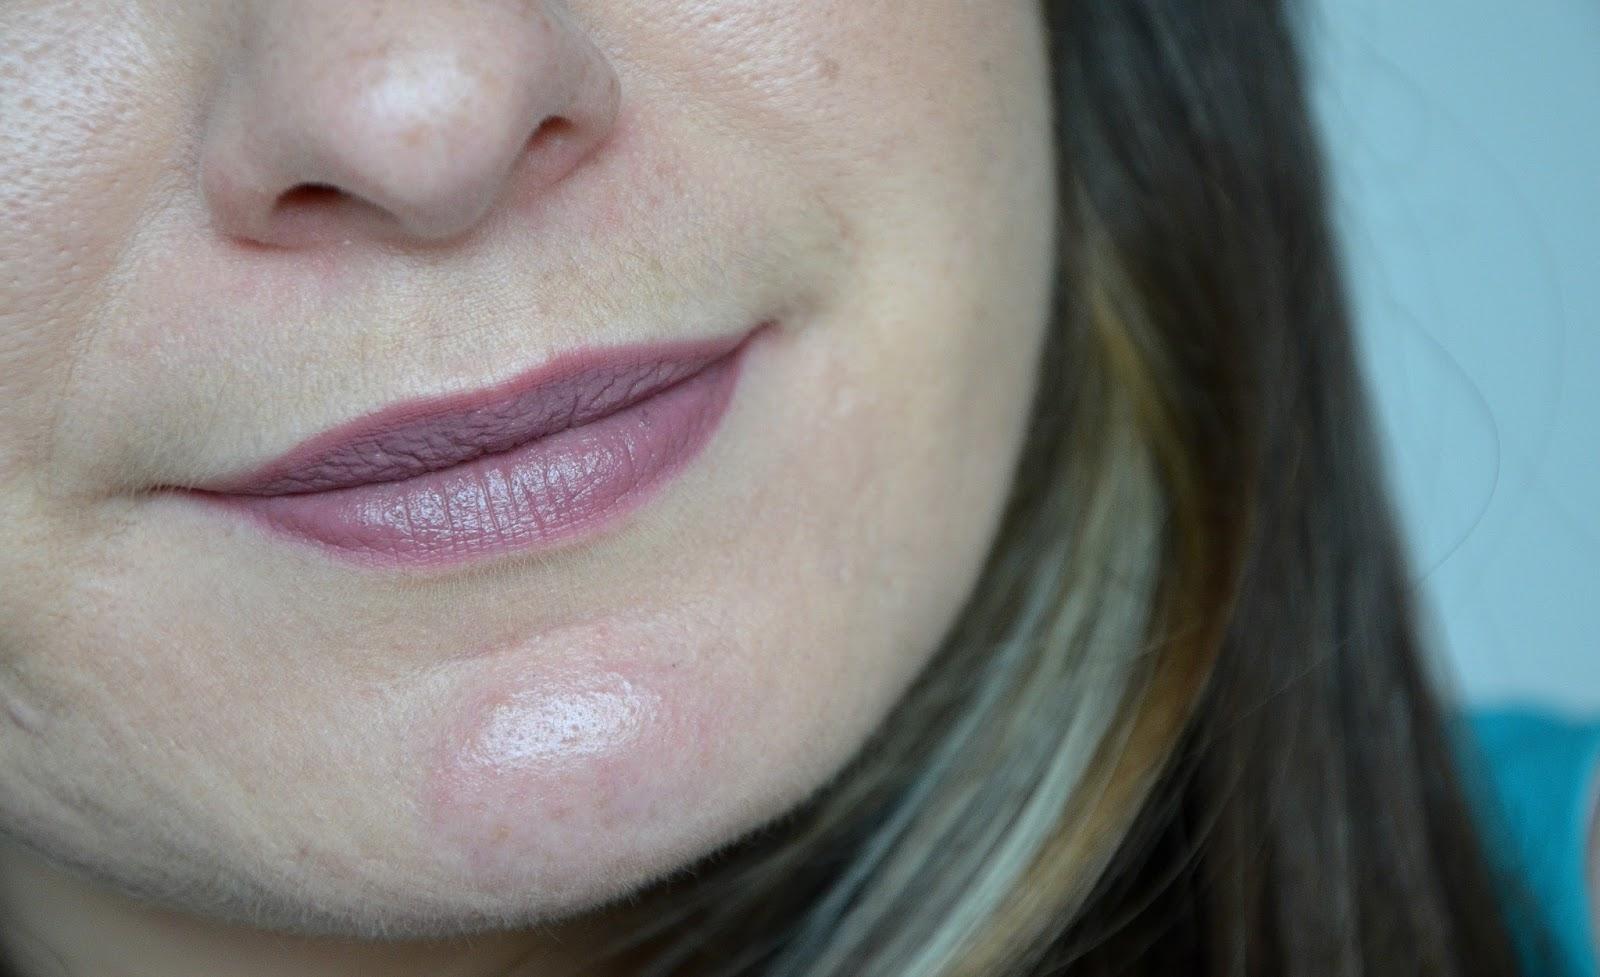 L'Oréal Paris Rouges à lèvres infaillible lip paint matte 212 nude-ist swatch